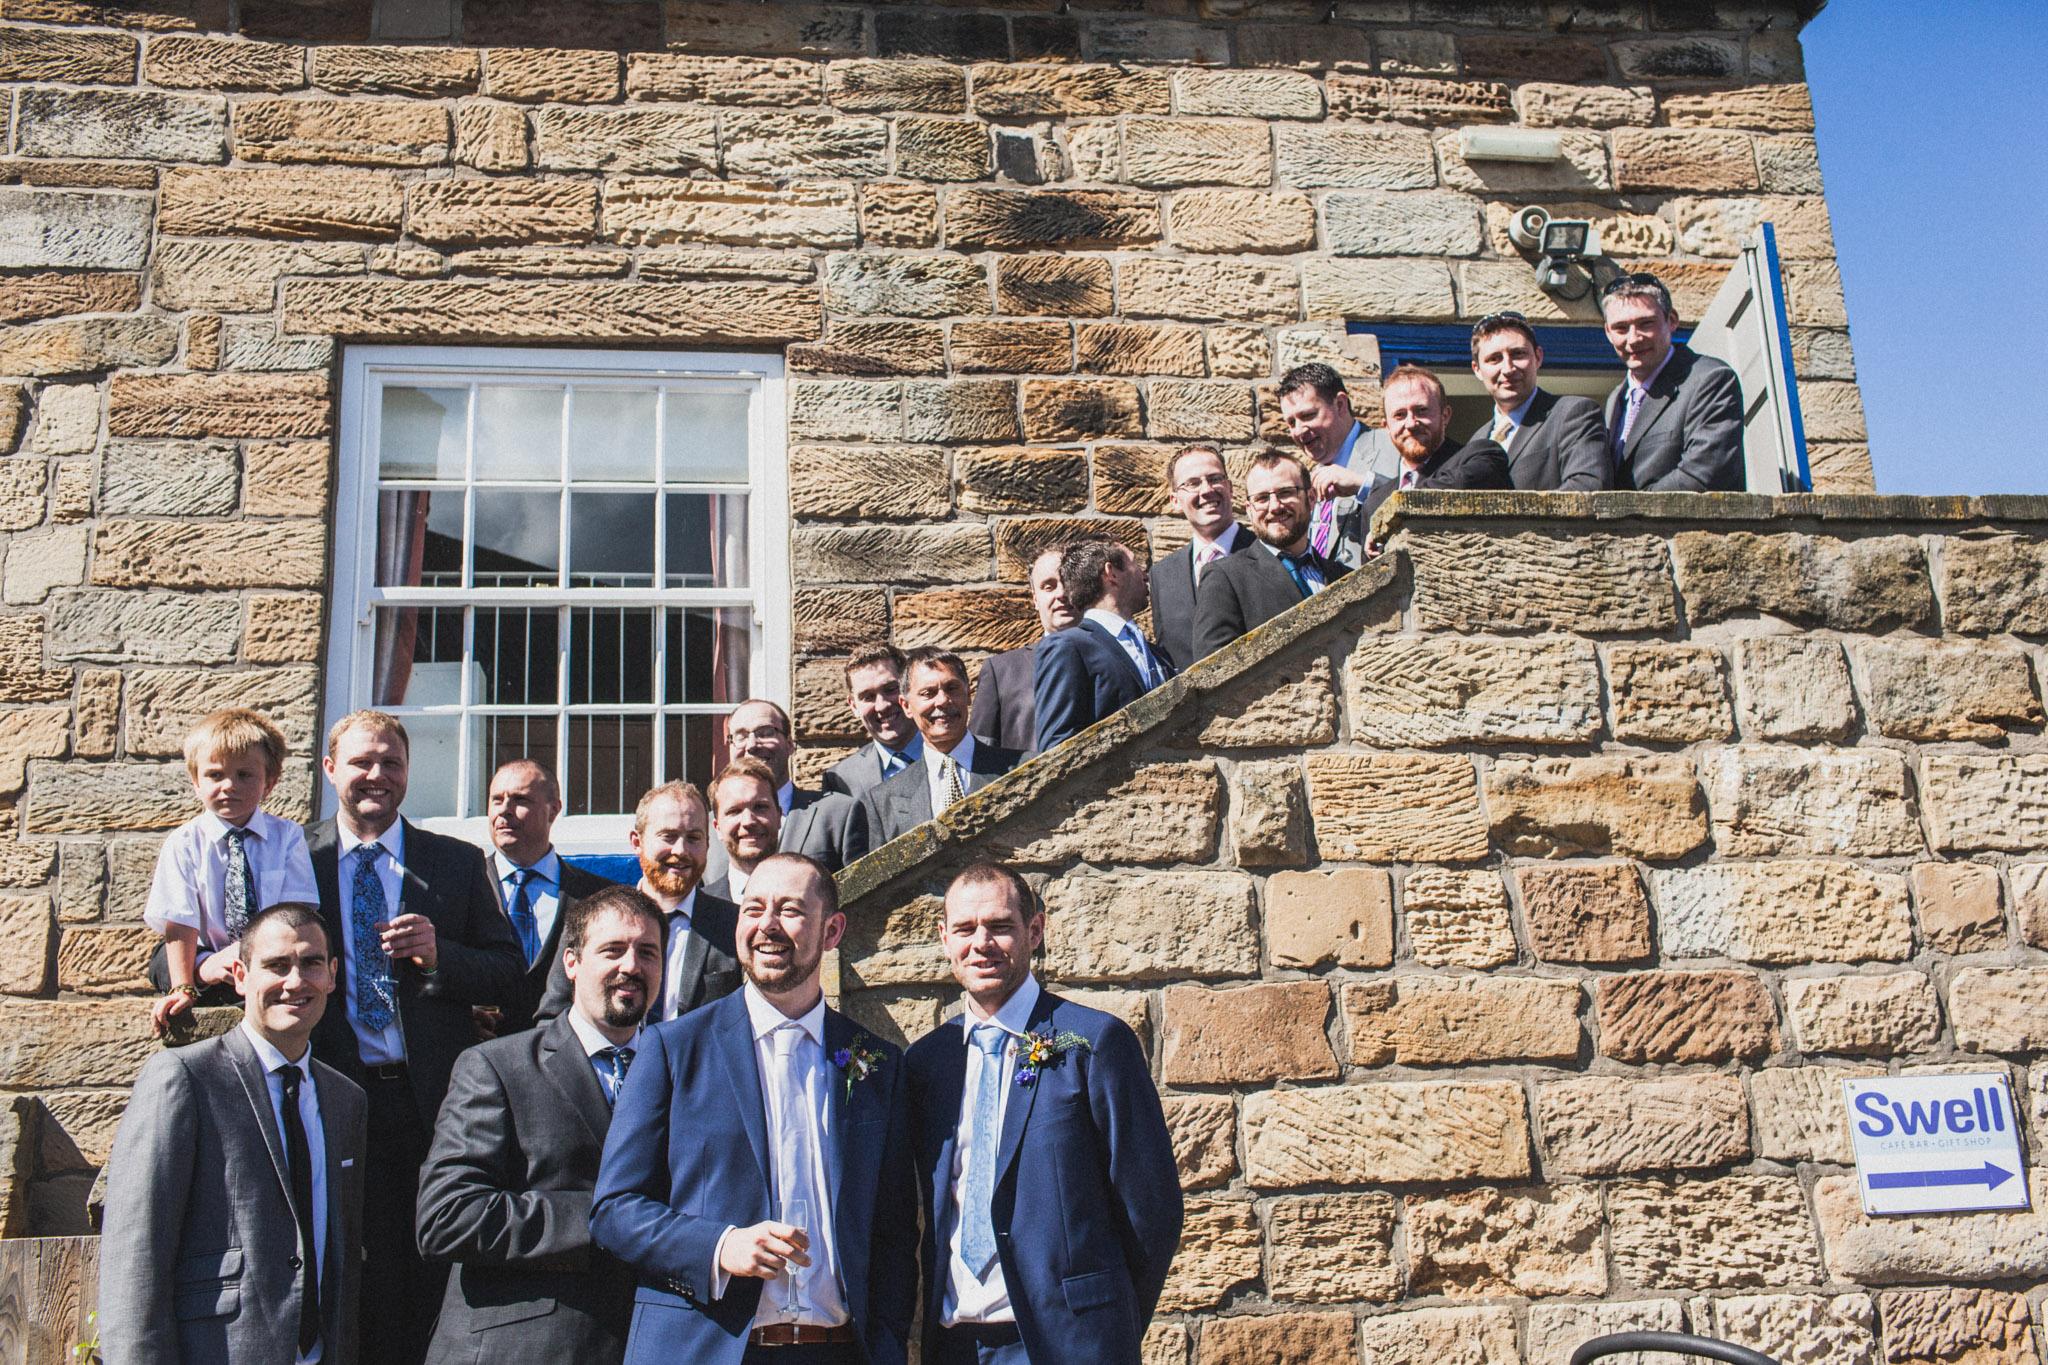 wedding_robin_hoods_bay_whitby_049.jpg